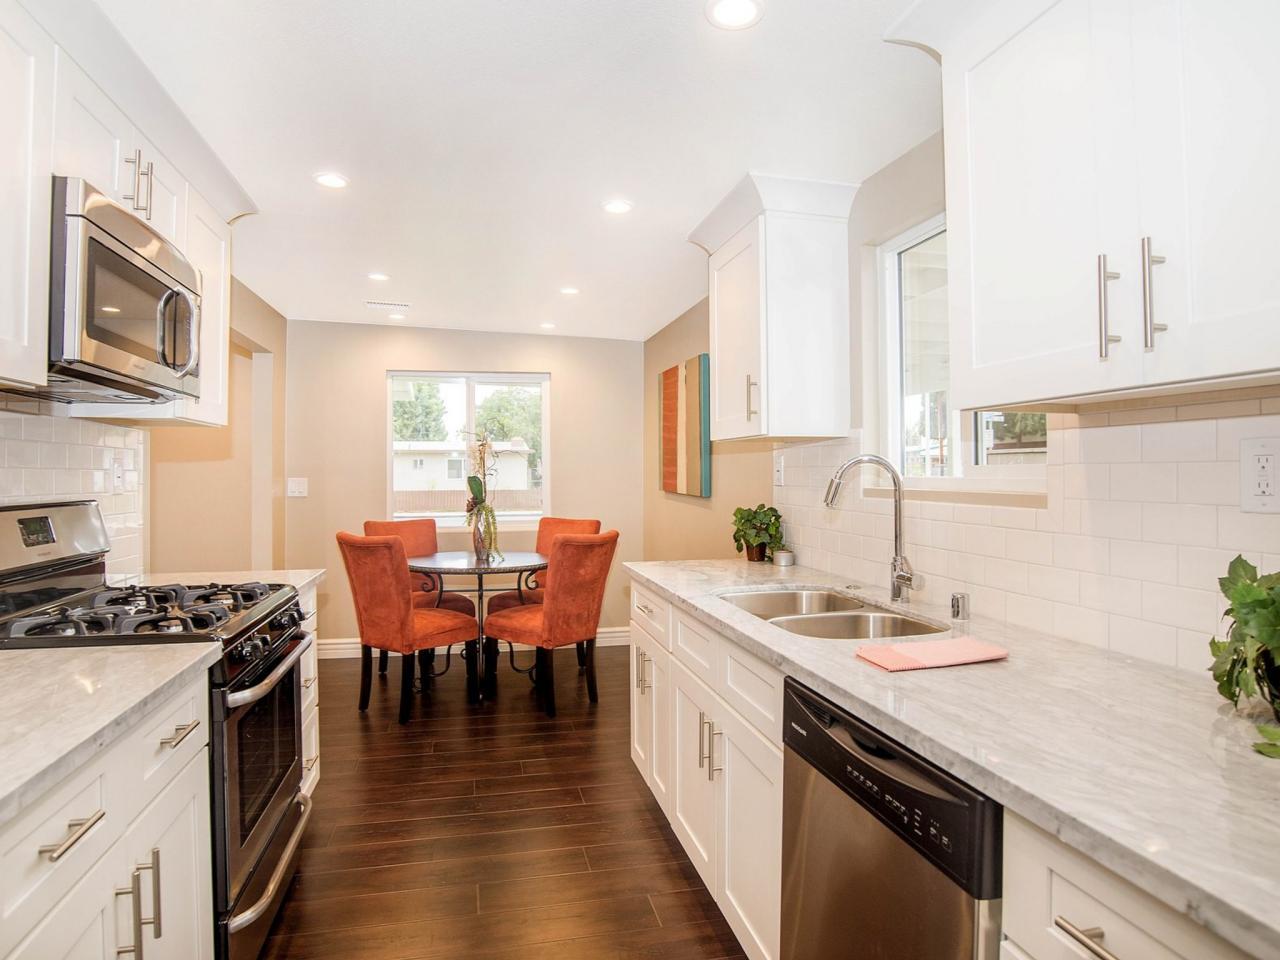 photos hgtv 39 s flip or flop hgtv. Black Bedroom Furniture Sets. Home Design Ideas